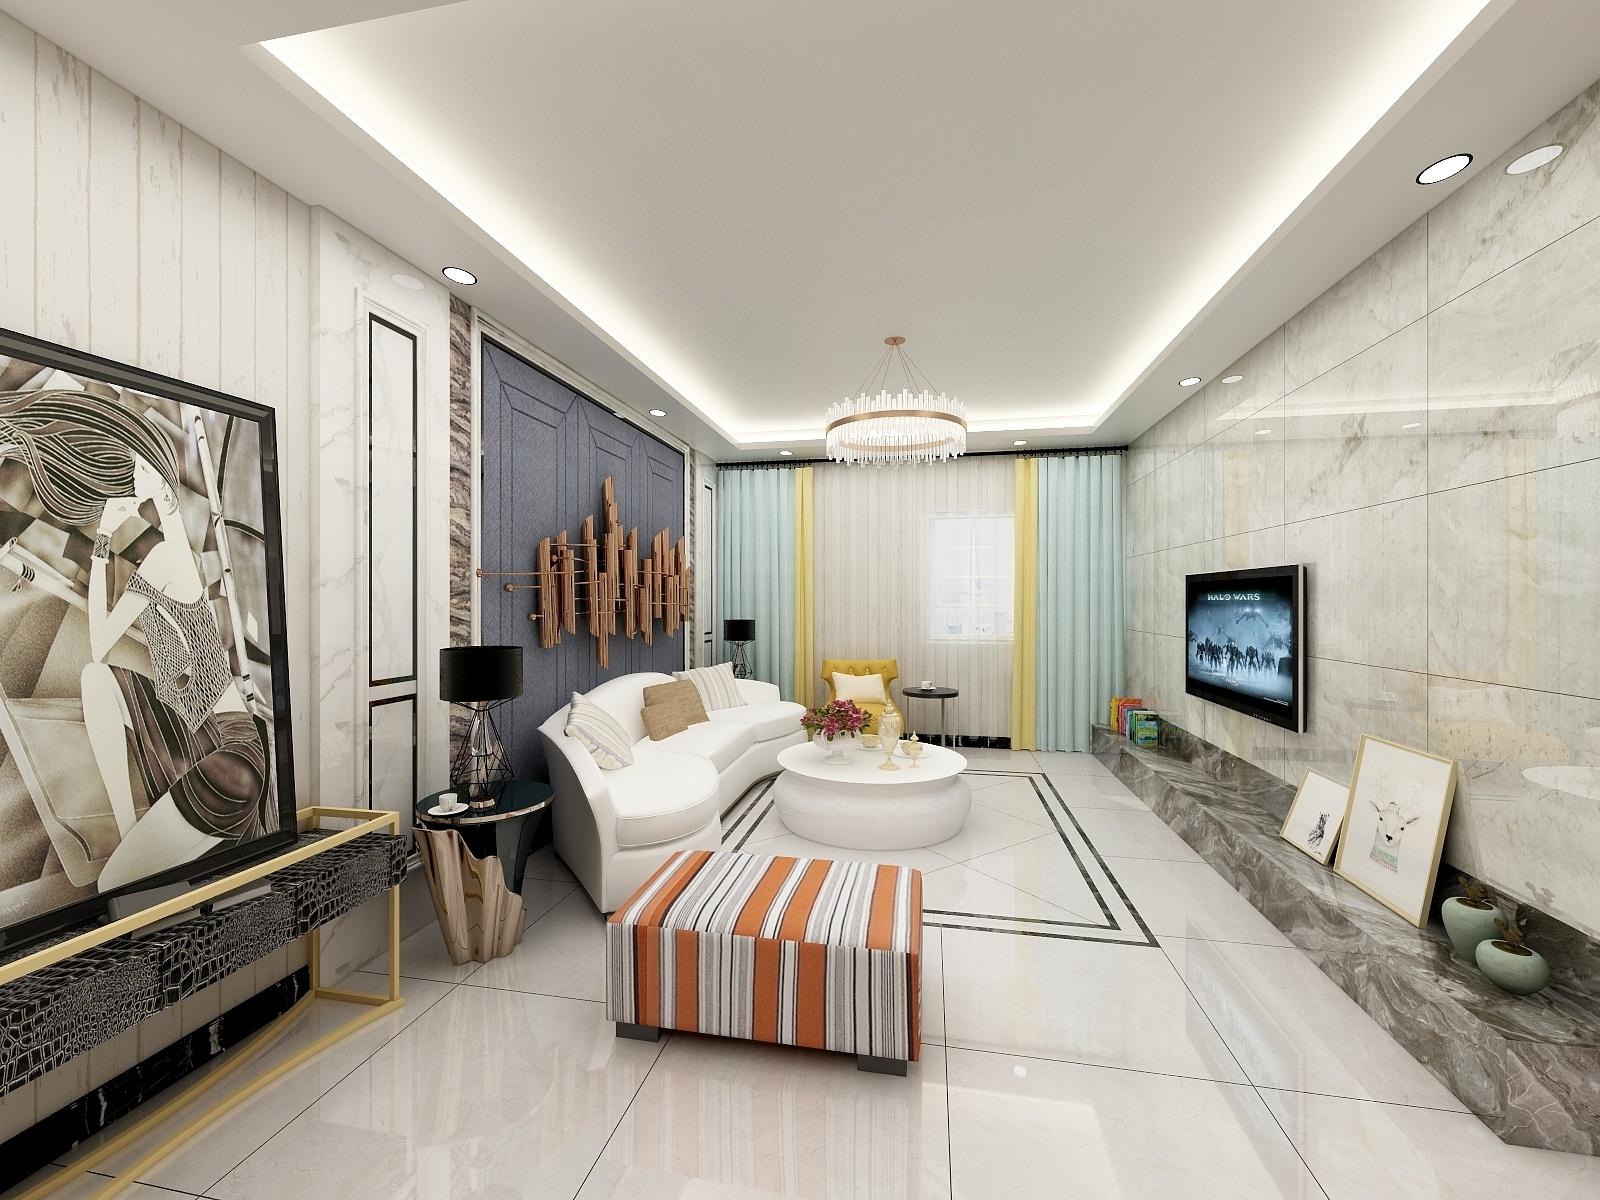 瑞府两室-设计师:李楠